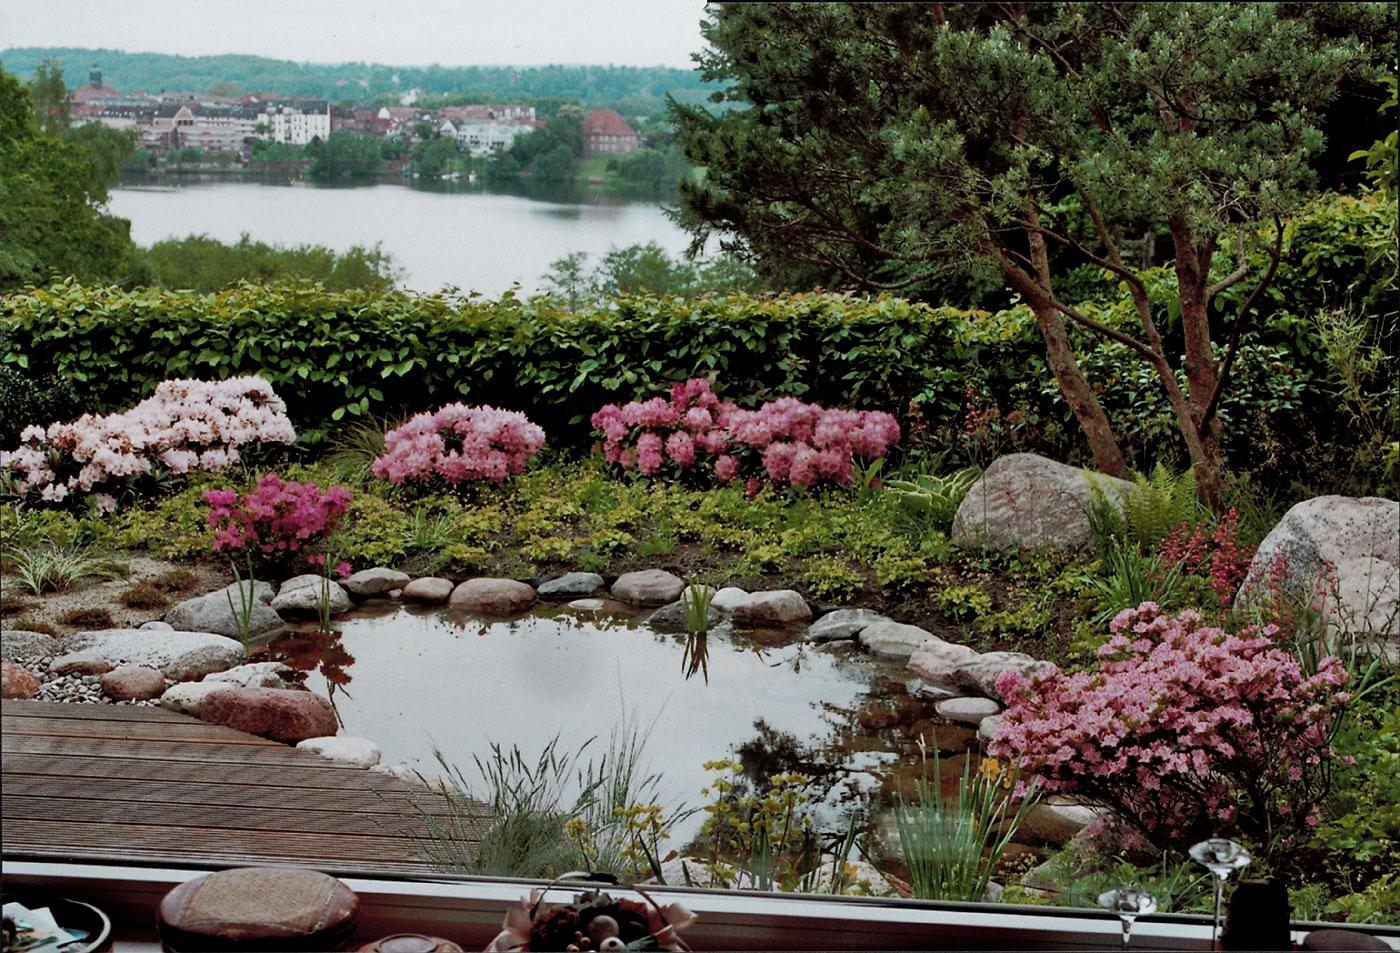 Blickfang Gartenteich Bildergalerie Referenz Von Mit Seeblick Vertraeumter Garten